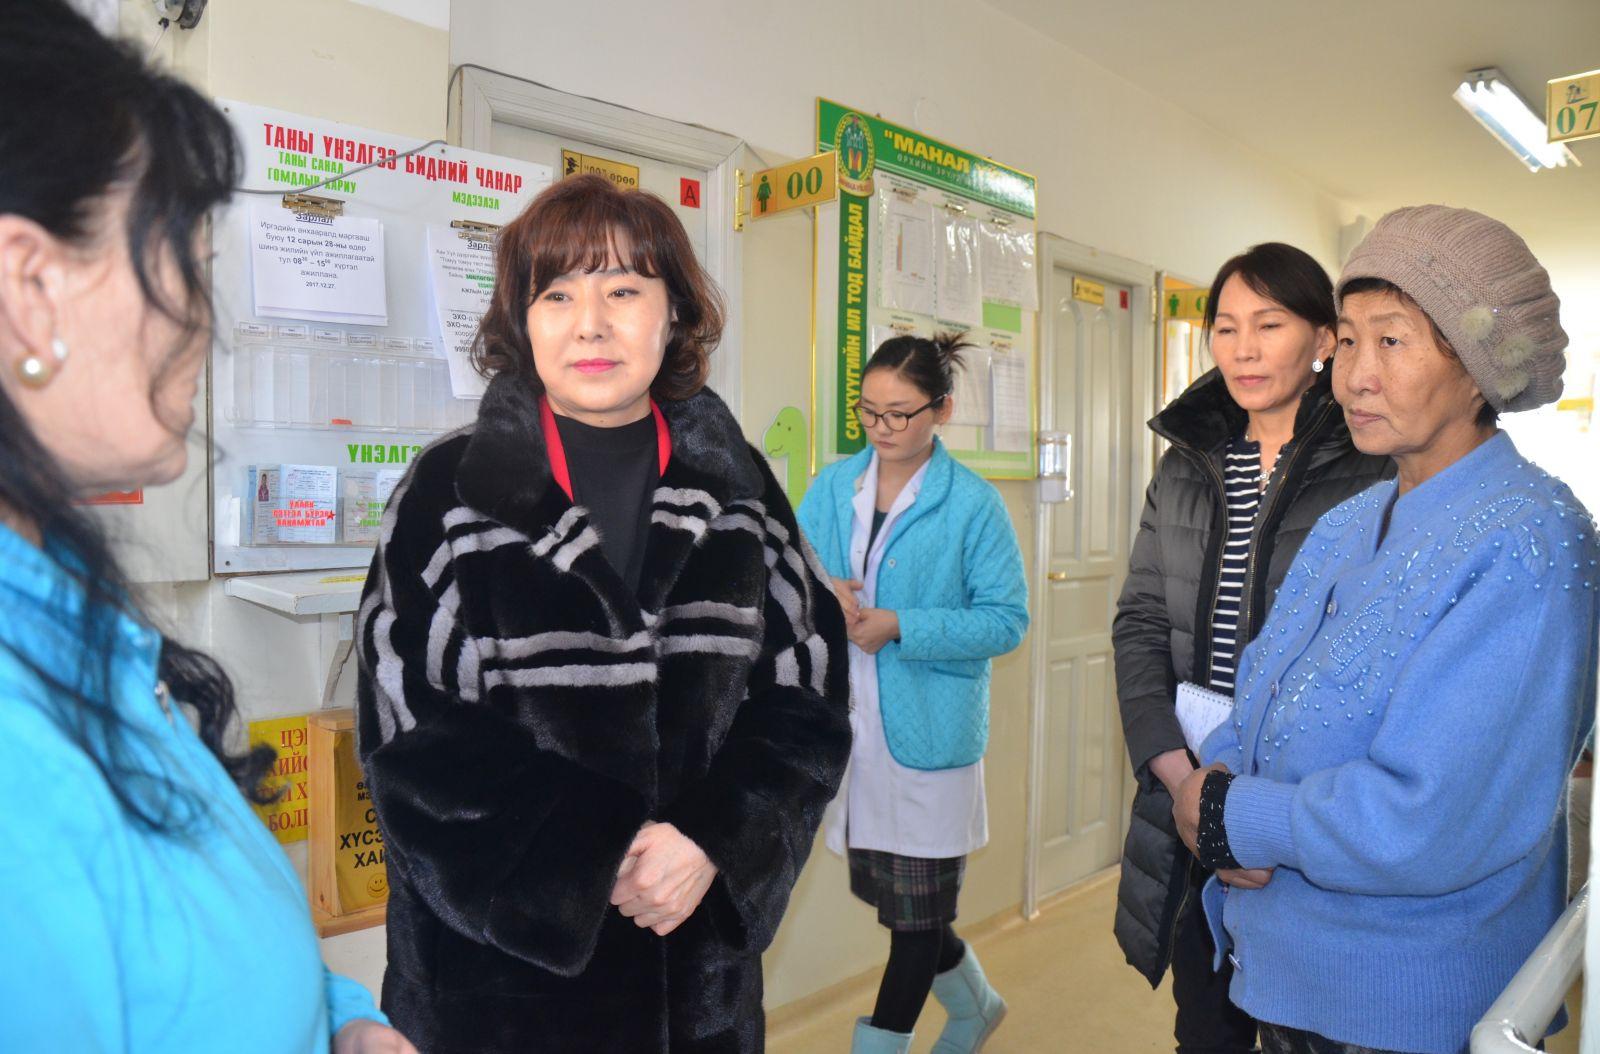 Эрүүл мэндийн сайд Өрхийн эрүүл мэндийн төв болон дүүргийн нэгдсэн эмнэлгүүдэд ажиллалаа